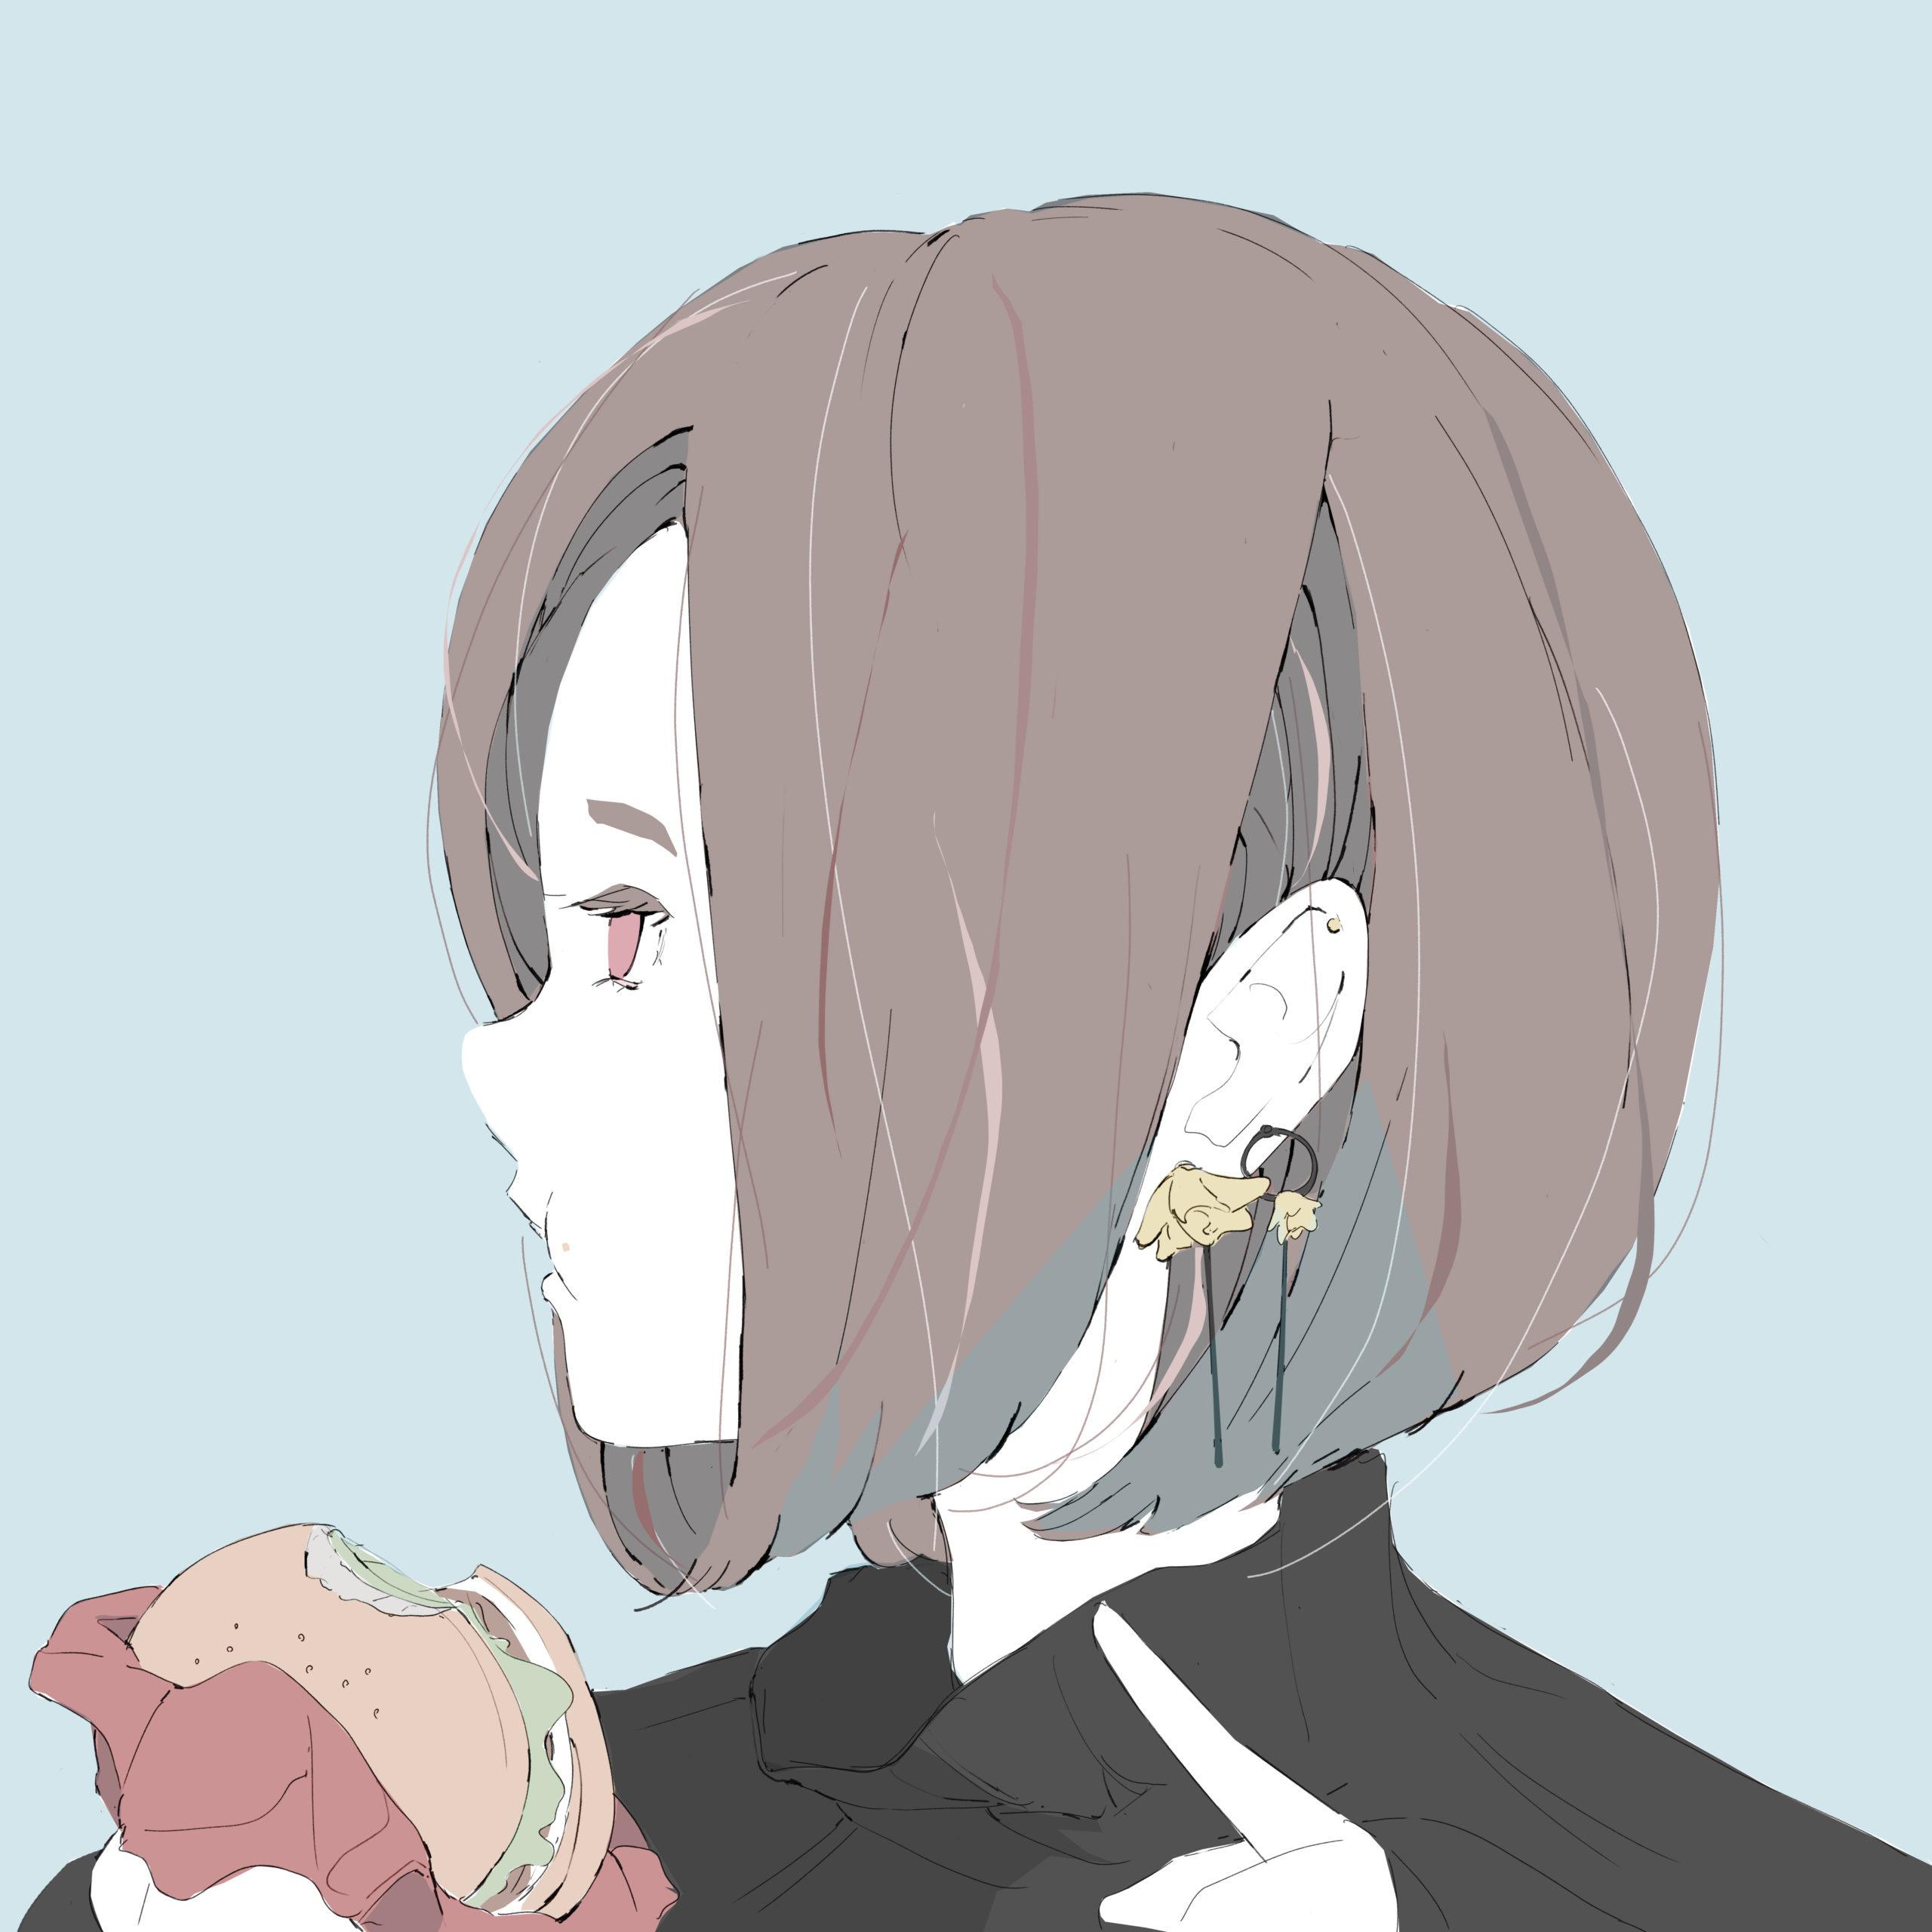 ハンバーガーを食べるショートカットの女の子のイラスト